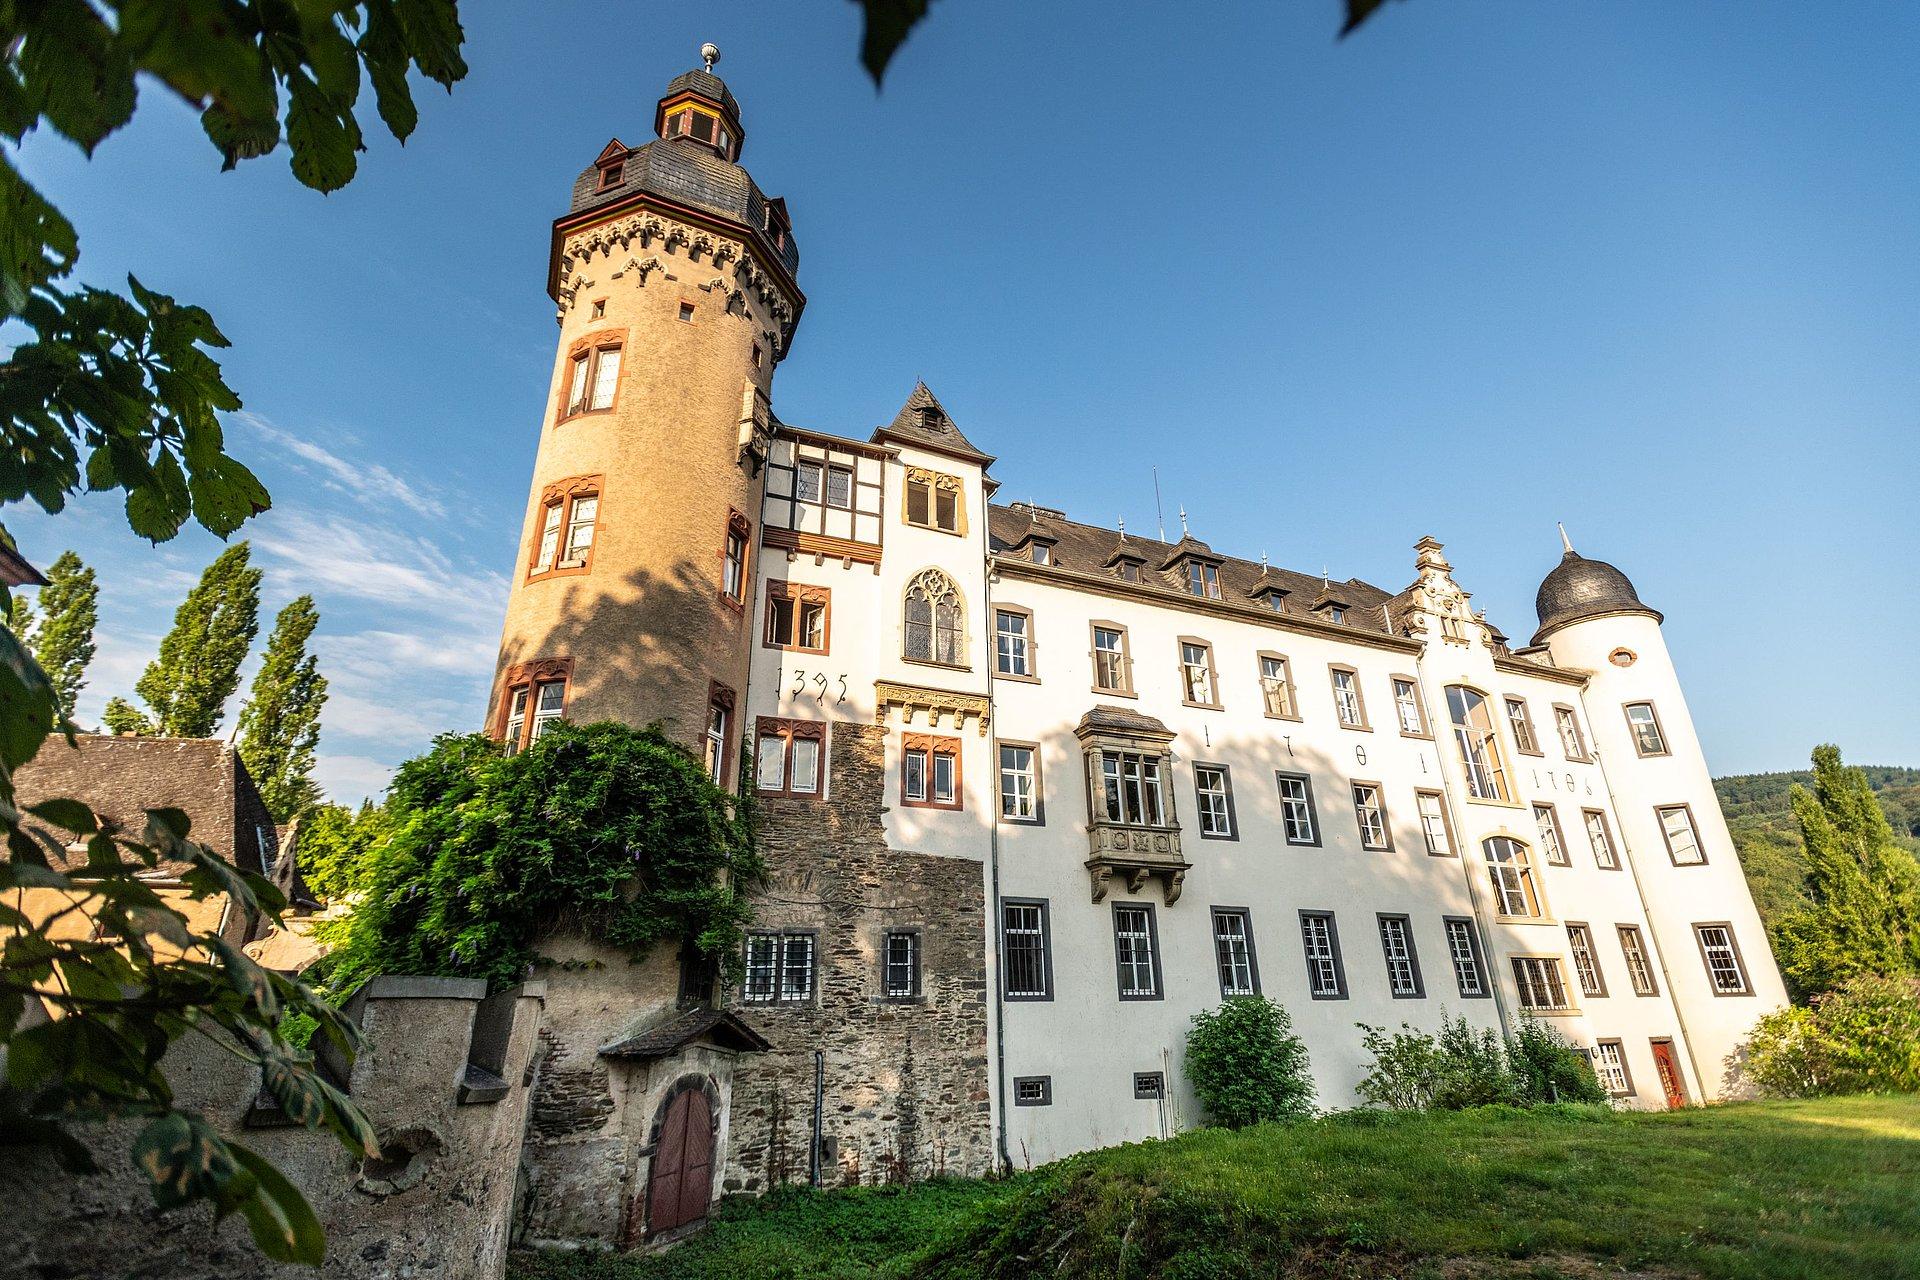 Schloss Burg Namedy bei Andernach, Romantischer Rhein